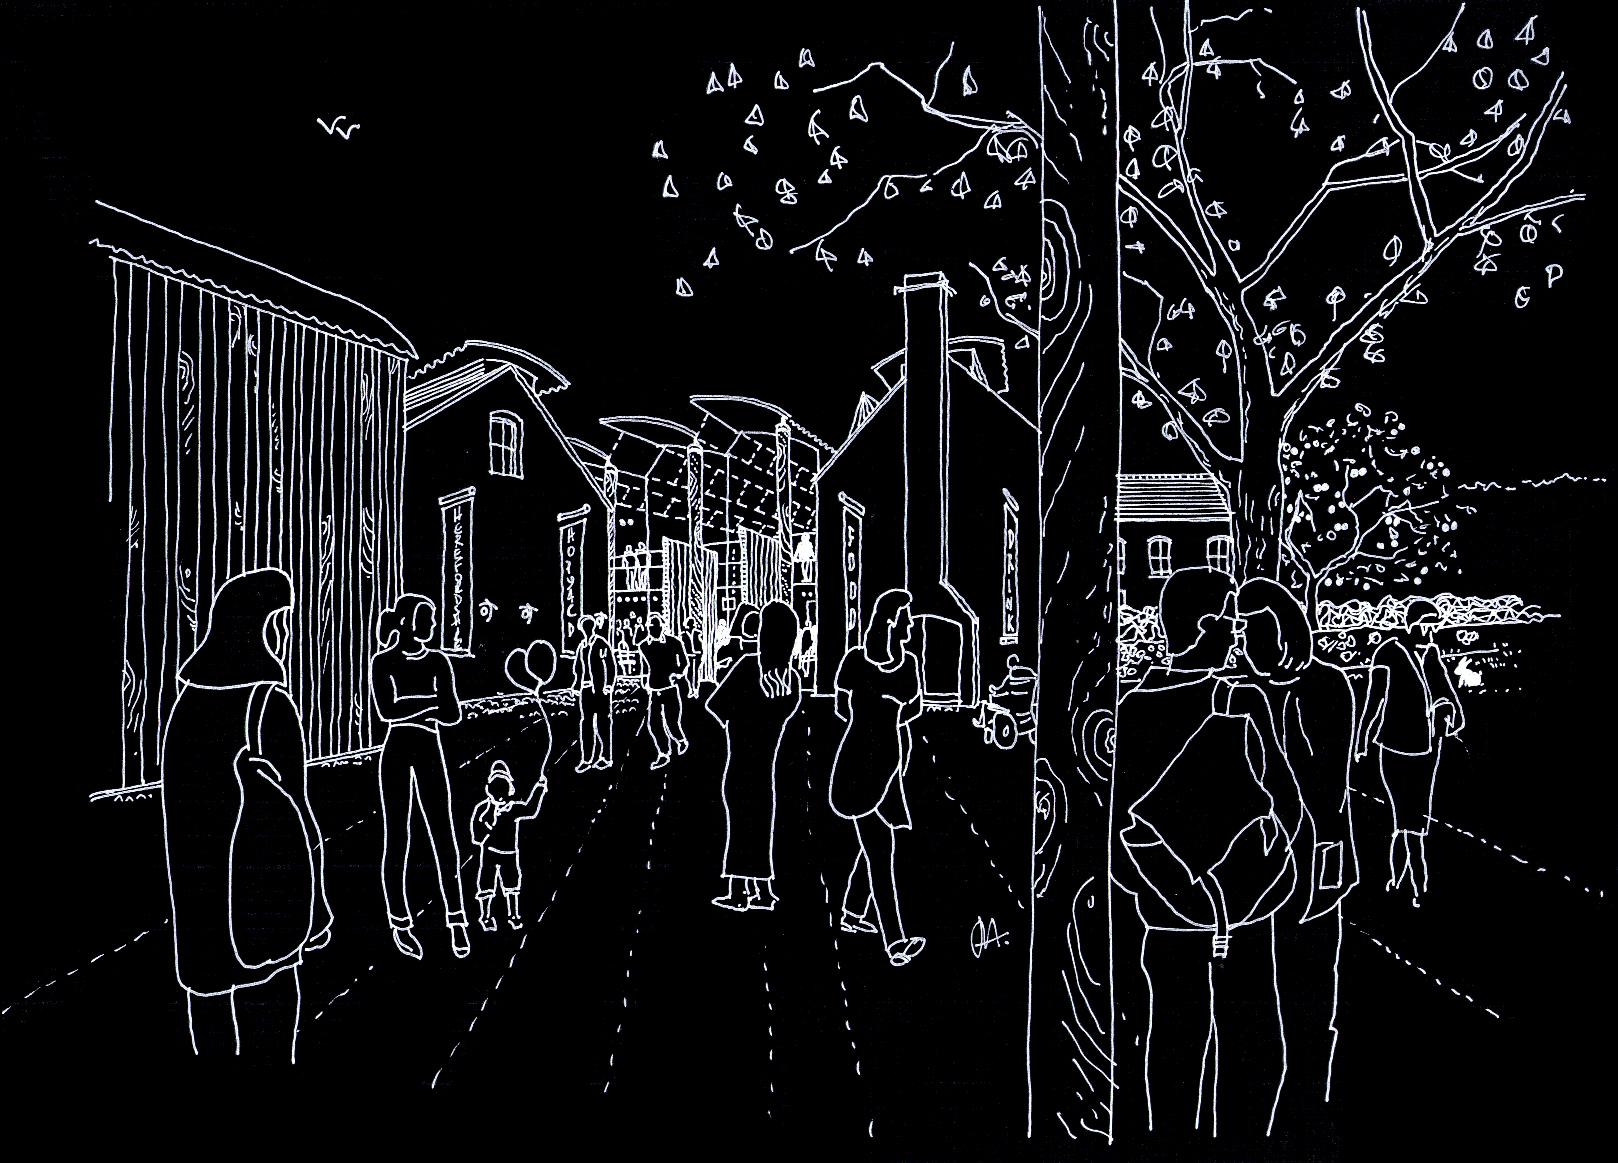 Herefordshire Food & Drink Centre Sketch Visualisation